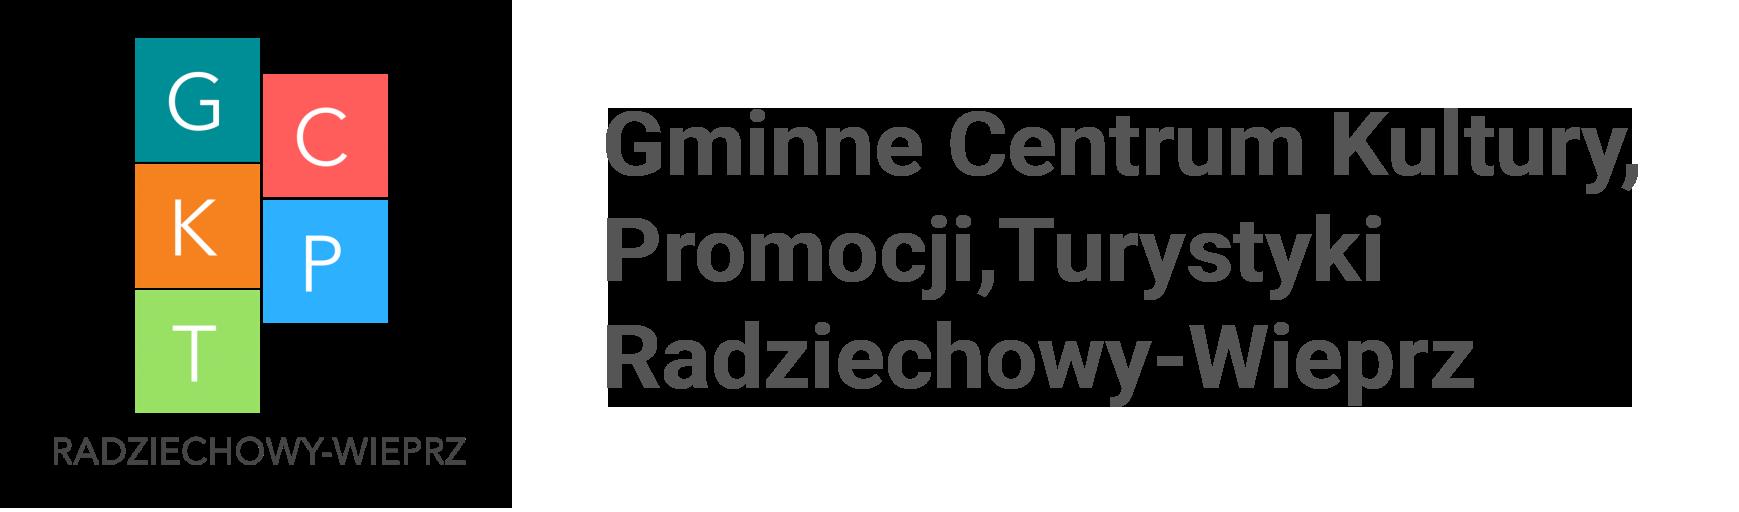 Gminne Centrum Kultury, Promocji, Turystyki – z nami raźniej!